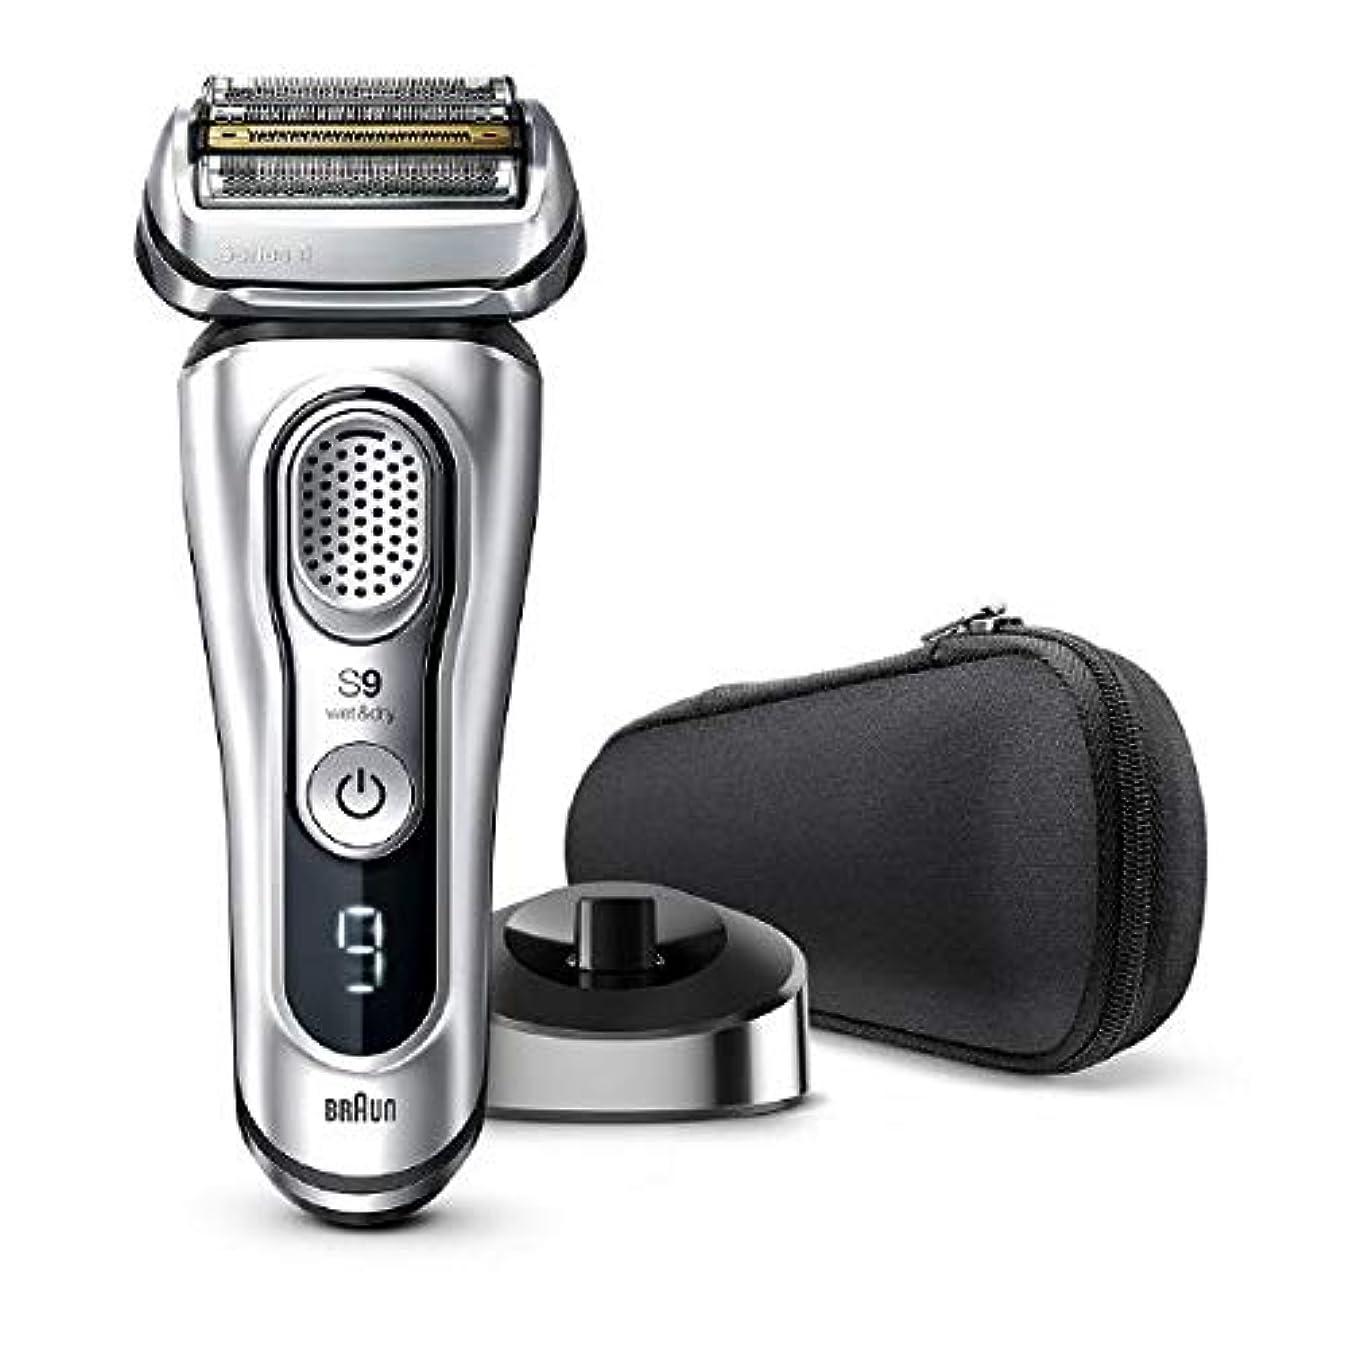 千弾性銀行ブラウン メンズ電気シェーバー シリーズ9 5カットシステム 水洗い/お風呂剃り可 9345s